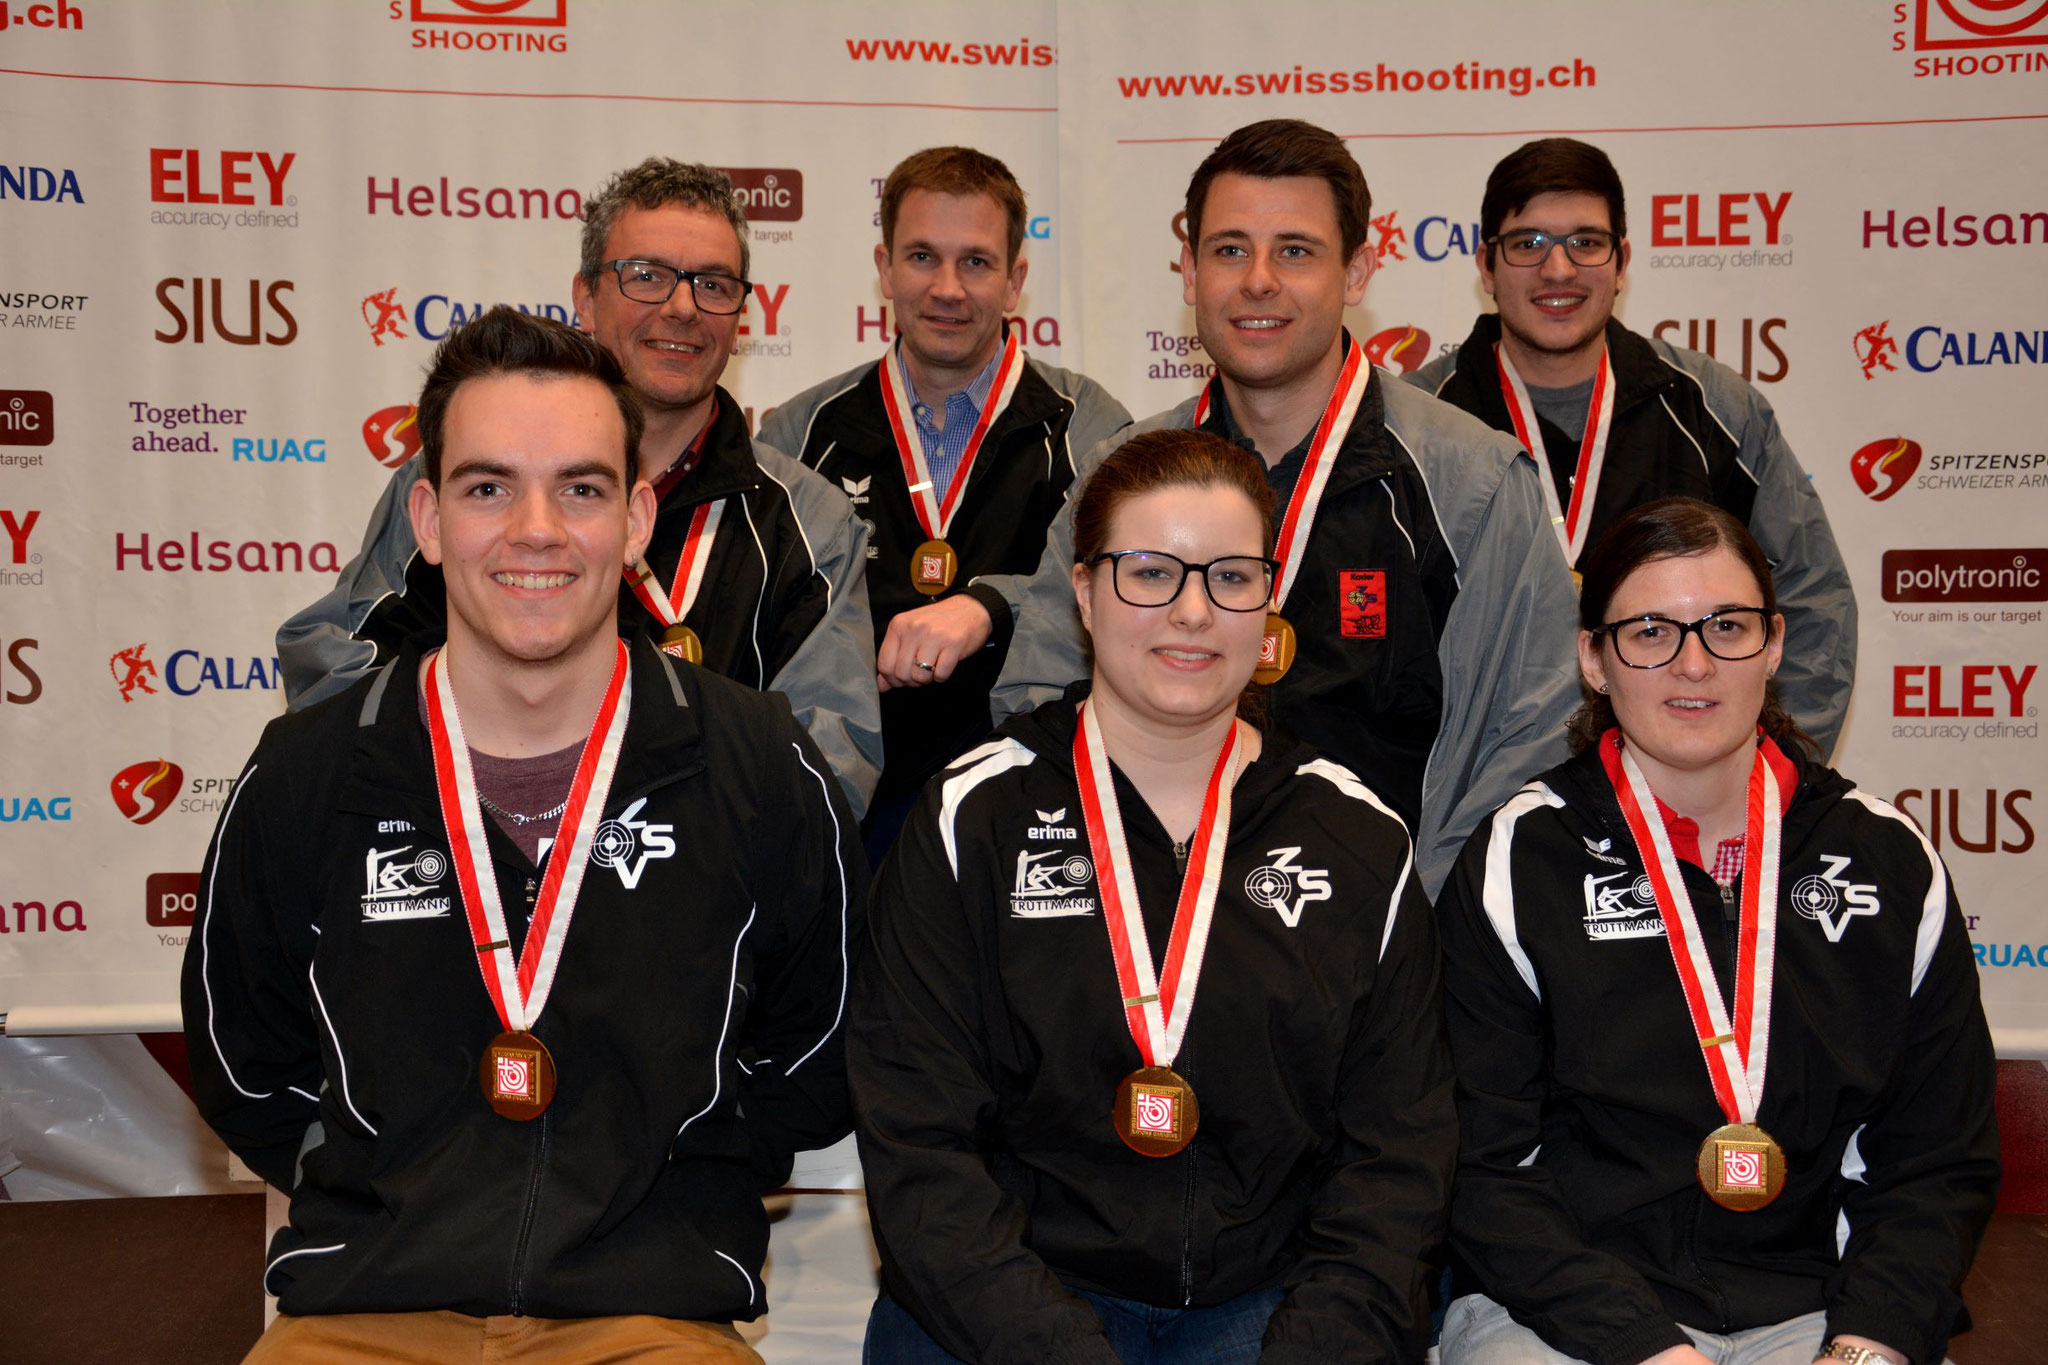 1. Rang für die Zentralschweiz am Verbandsmatch 10m in Bern 2019! Herzliche Gratulation!